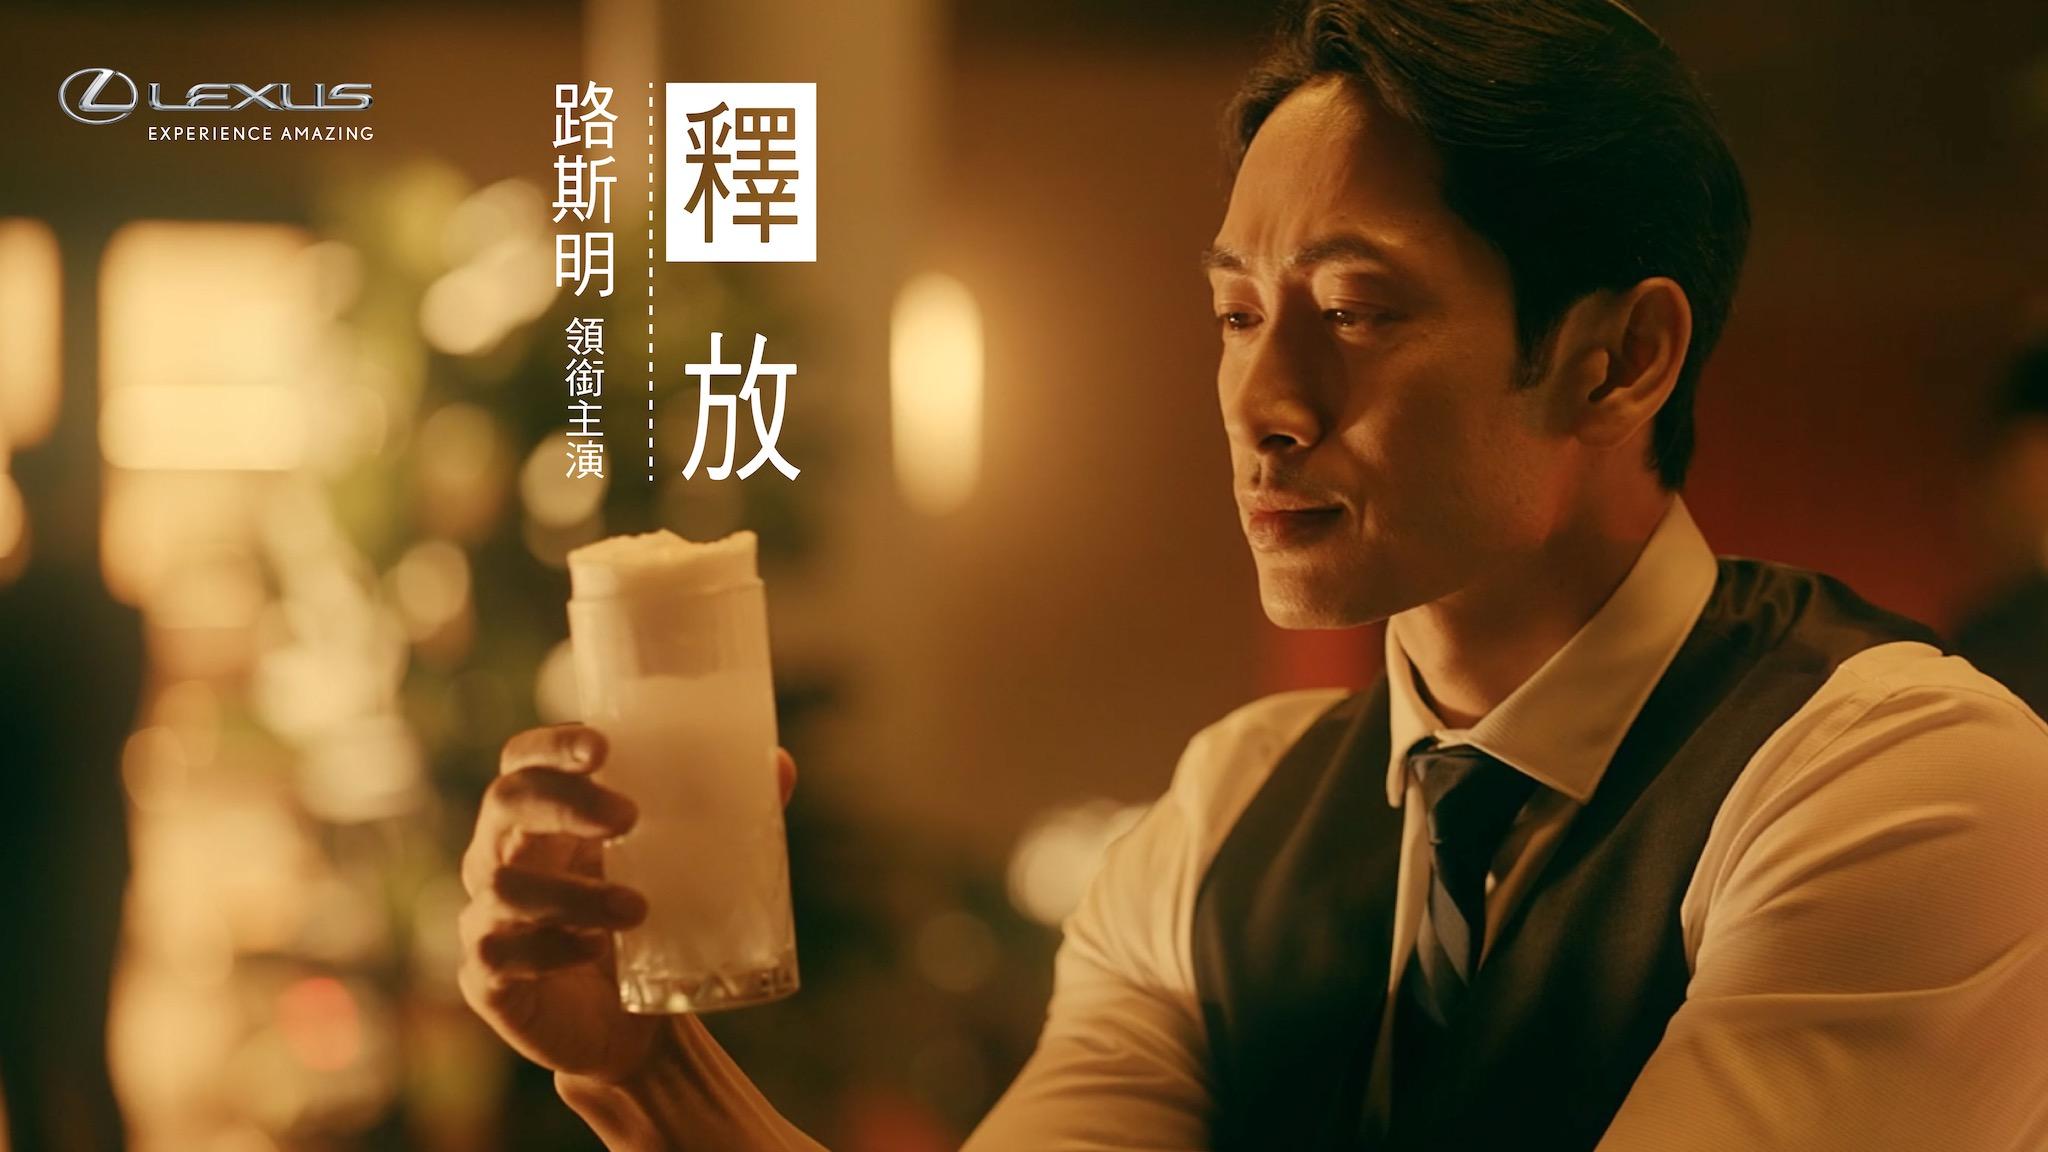 Lexus 2021 年度網路影片《釋放》路斯明、徐嘉凱詮釋品牌精神